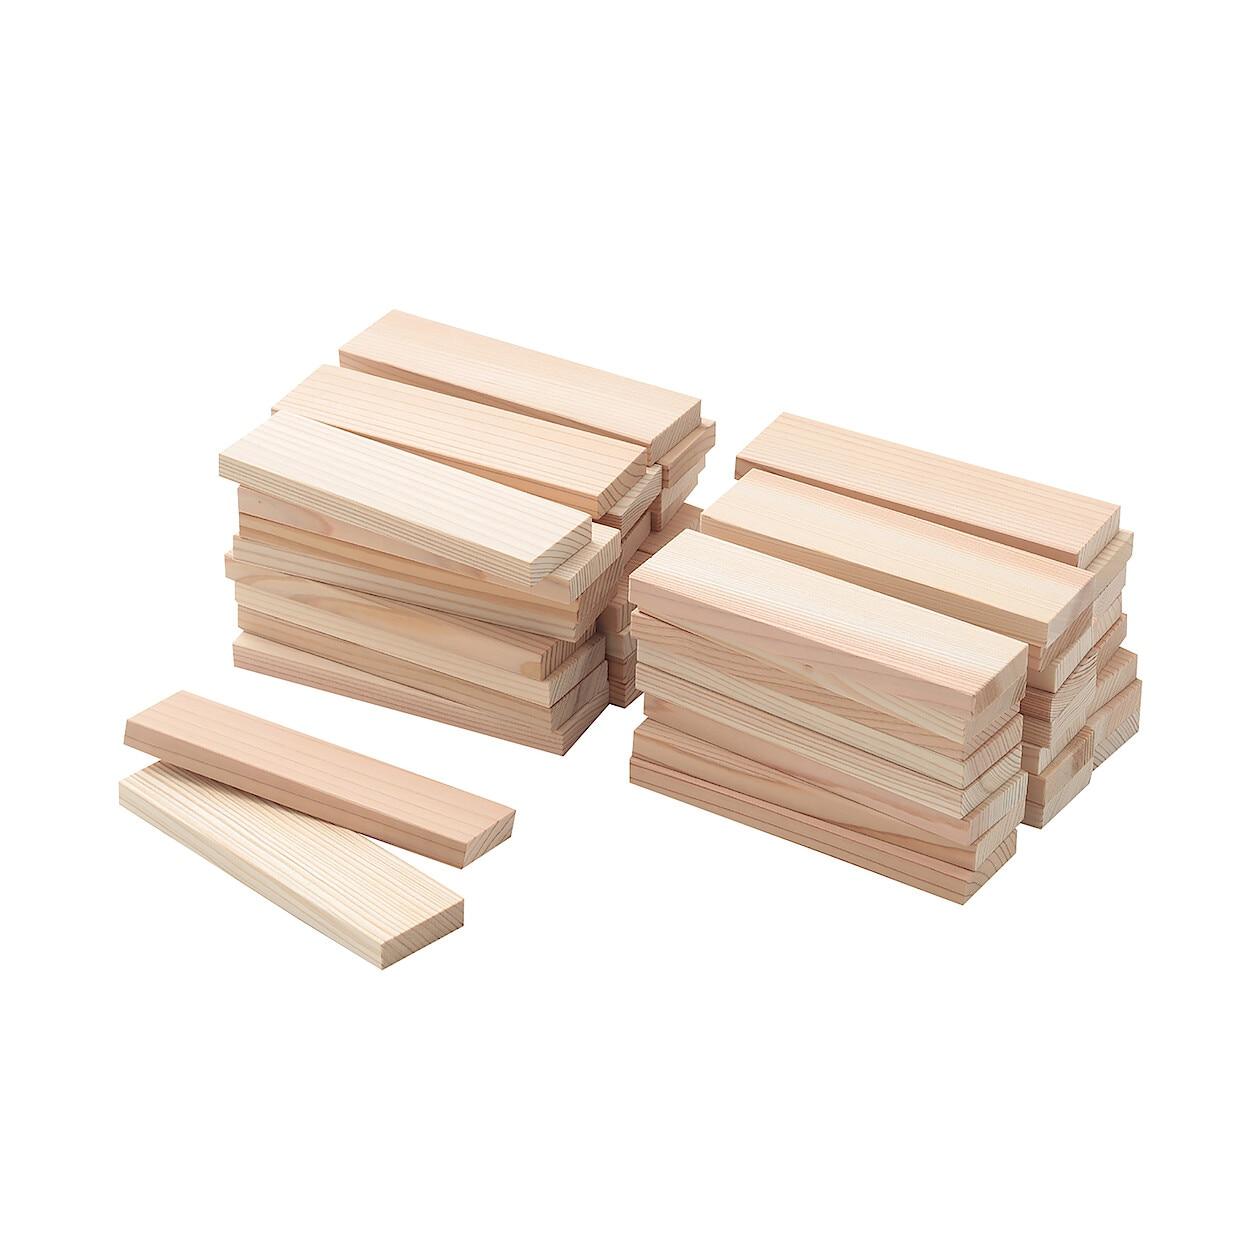 日本の木のおもちゃ_かまぼこ板のつみき